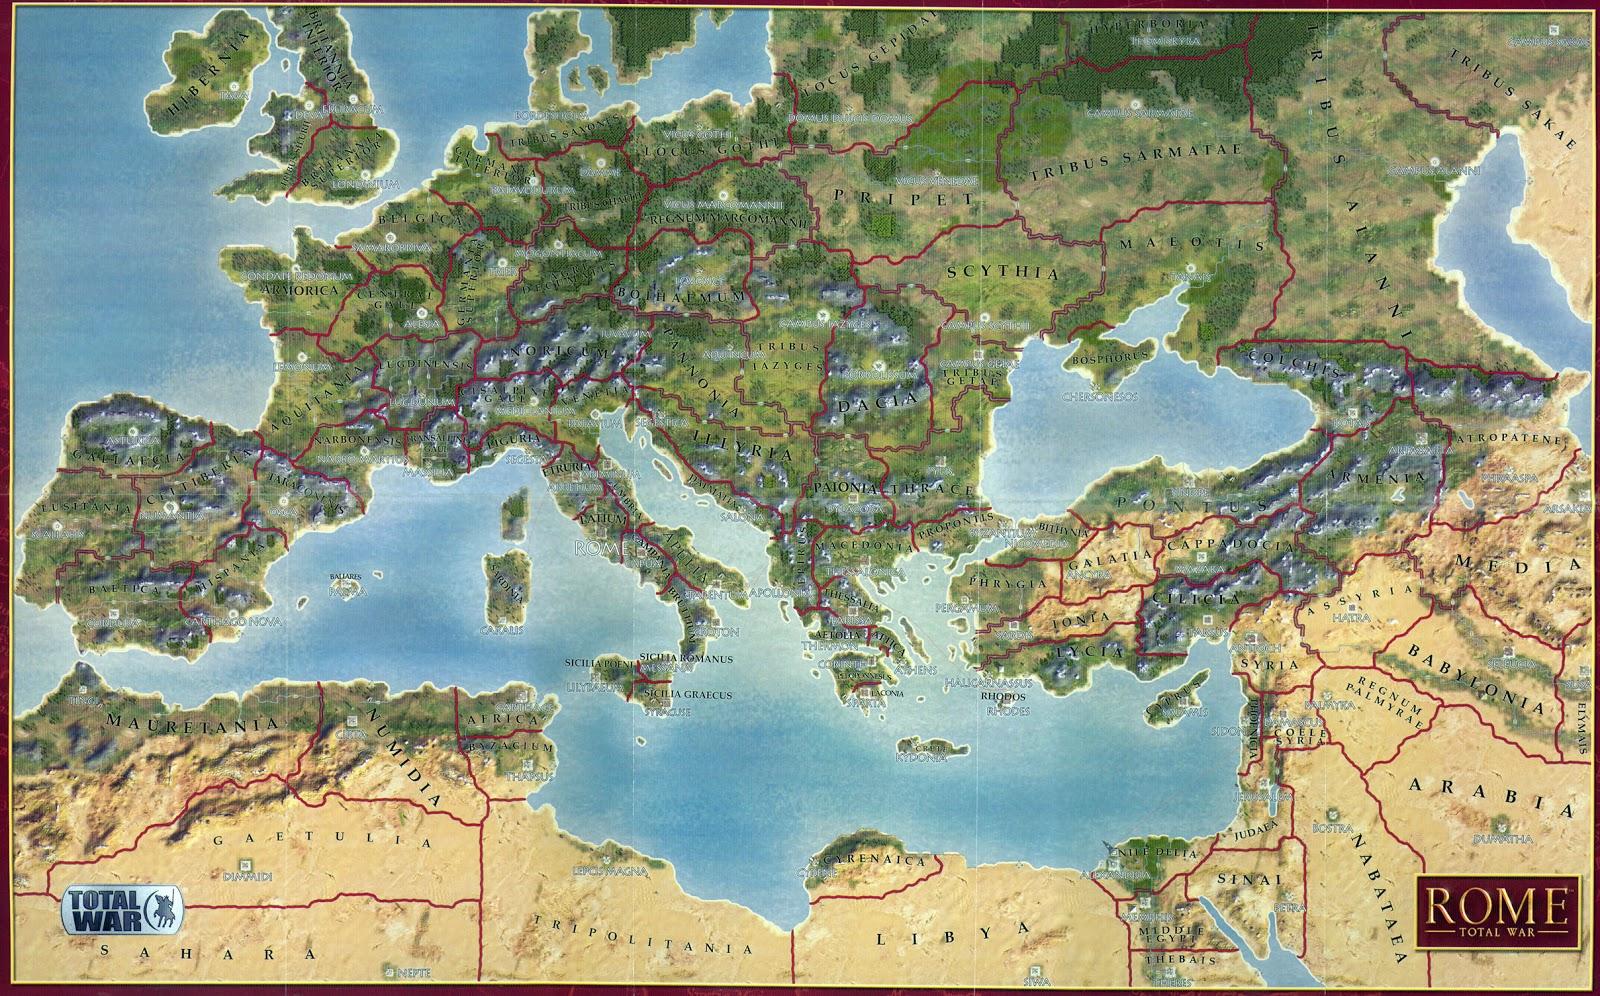 Visit us: http://pc-download-eu.blogspot.com/